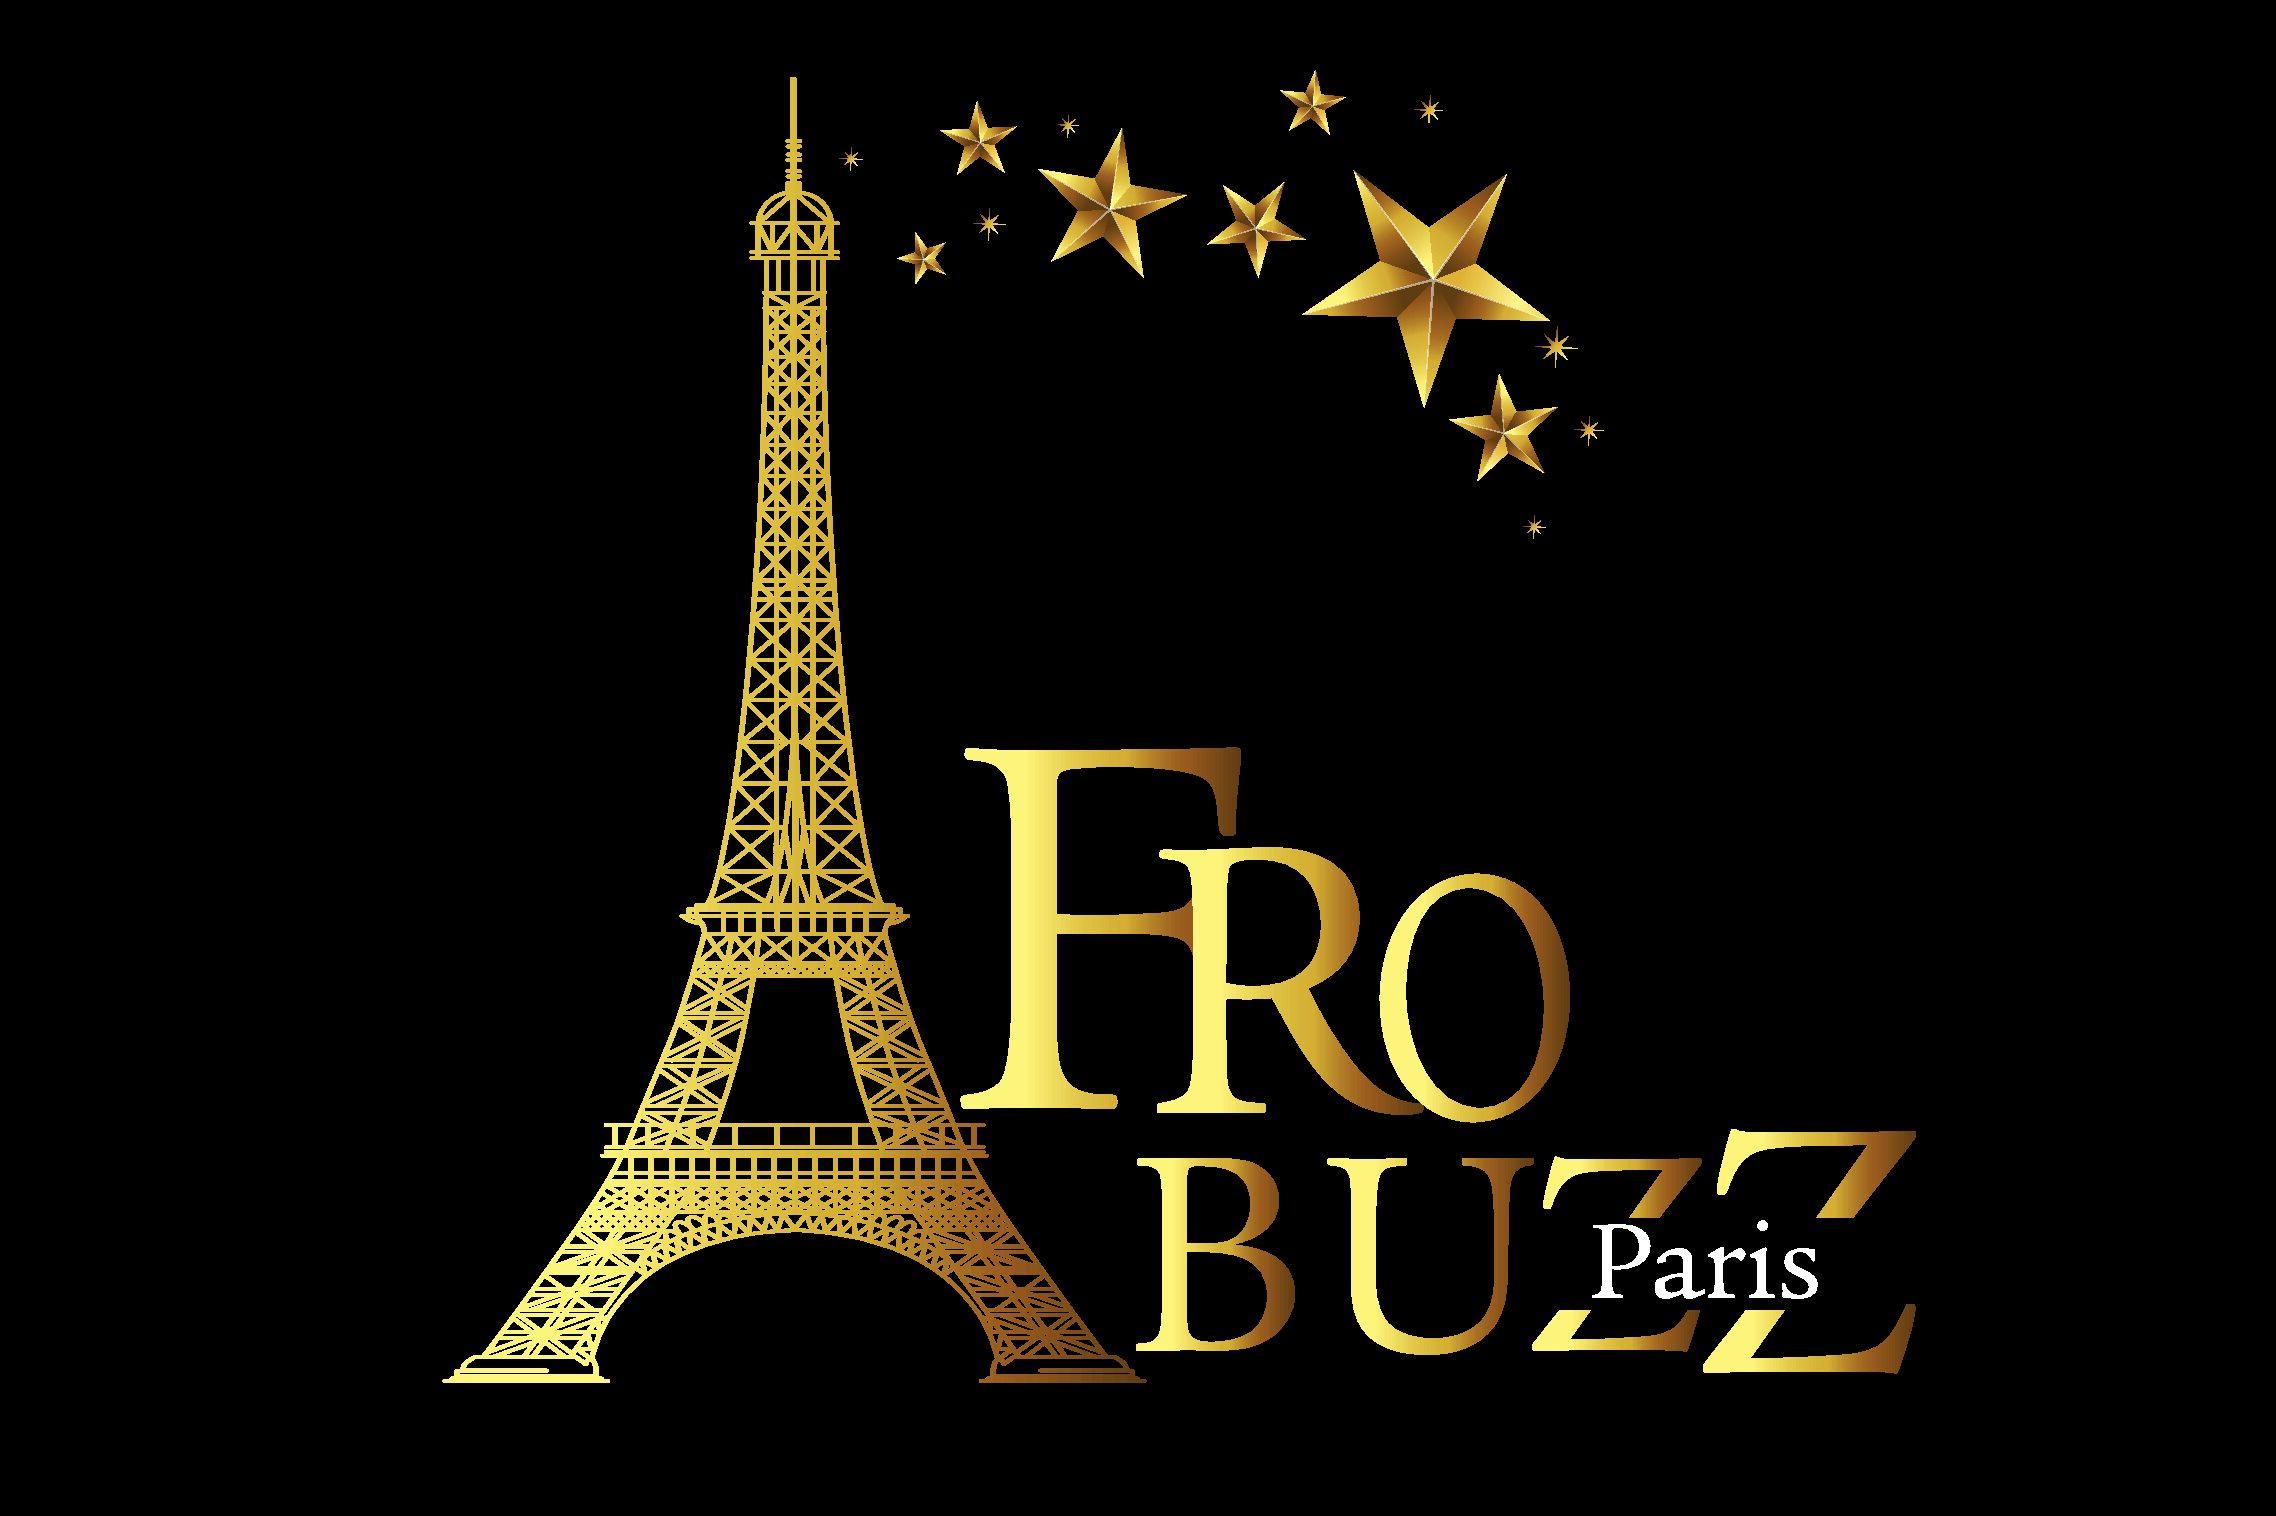 AFROBUZZ PARIS